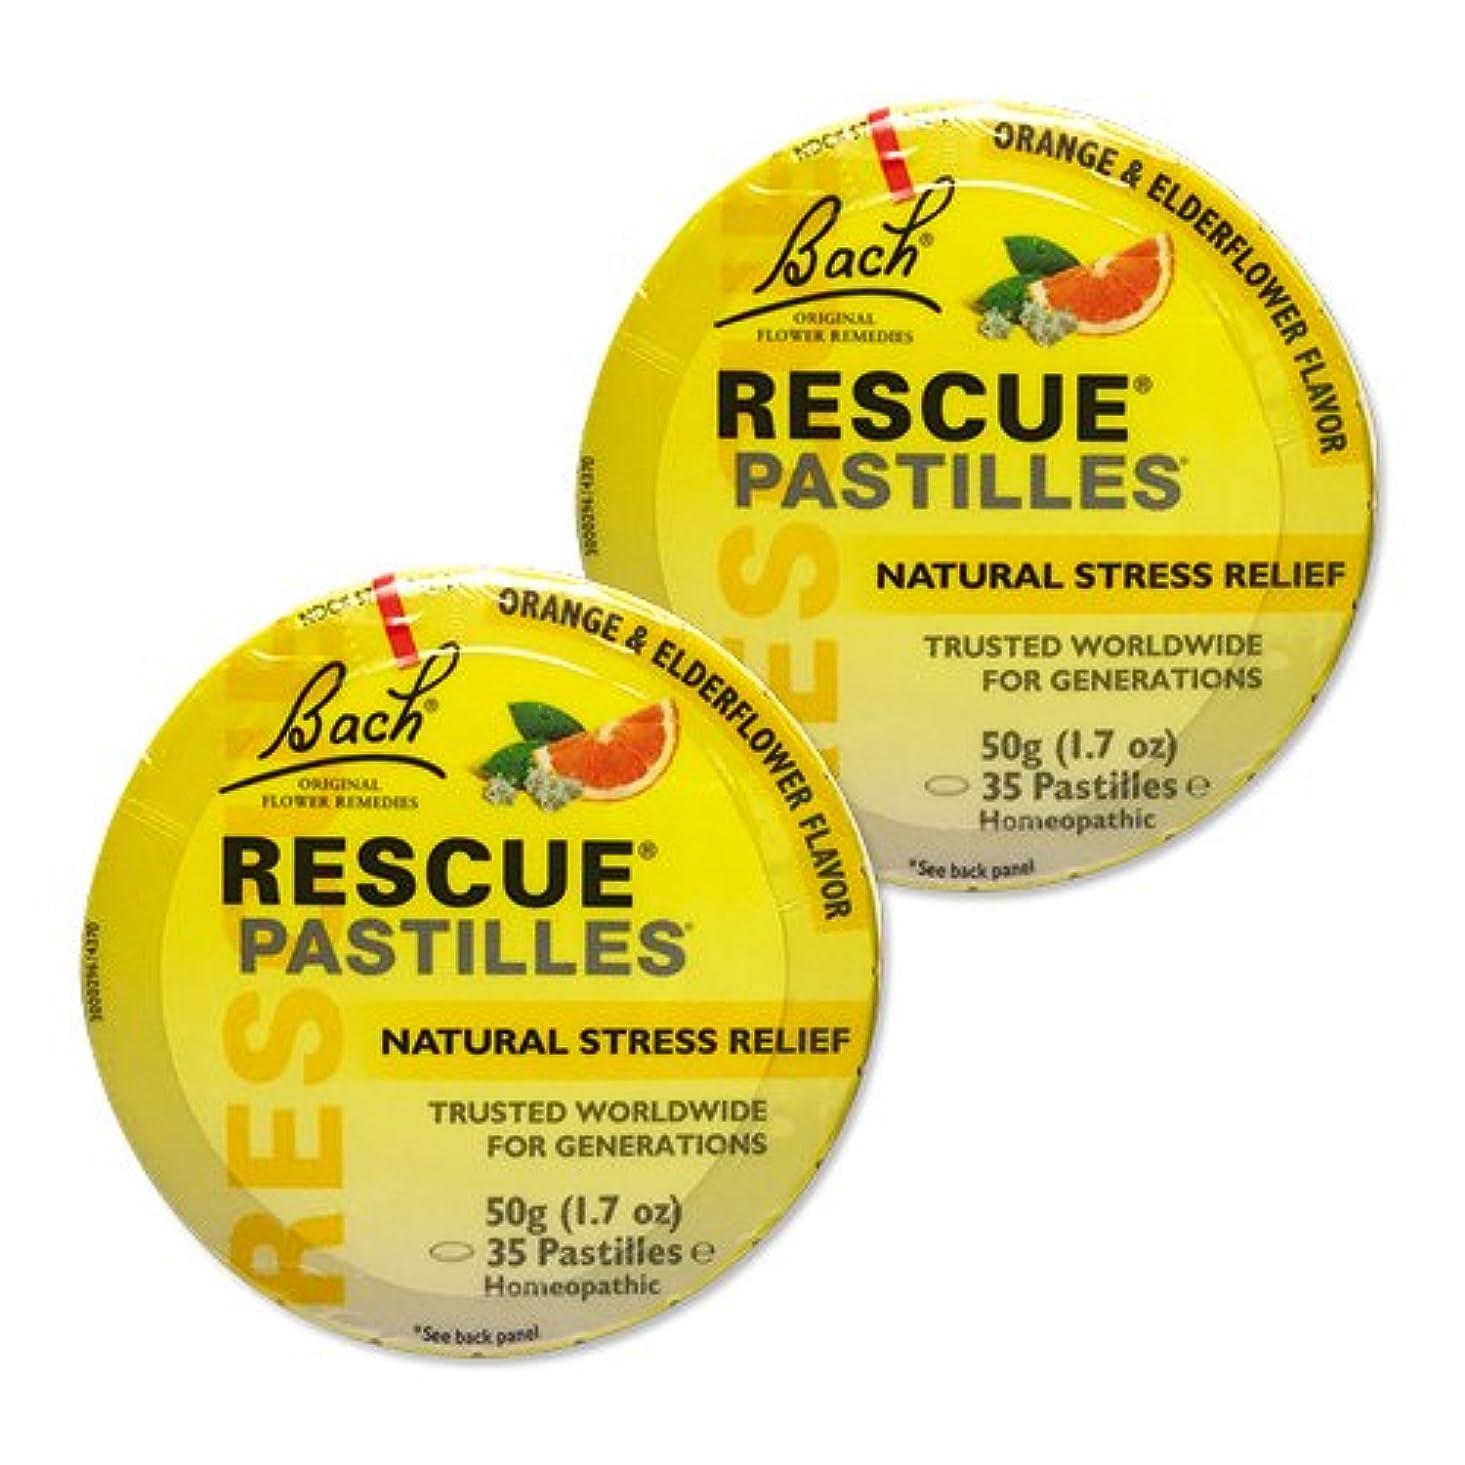 矢じり検索料理をする【2個セット】 [海外直送品]バッチフラワー レスキューレメディー パステル(オレンジ) Rescue Pastilles: For Occasional...